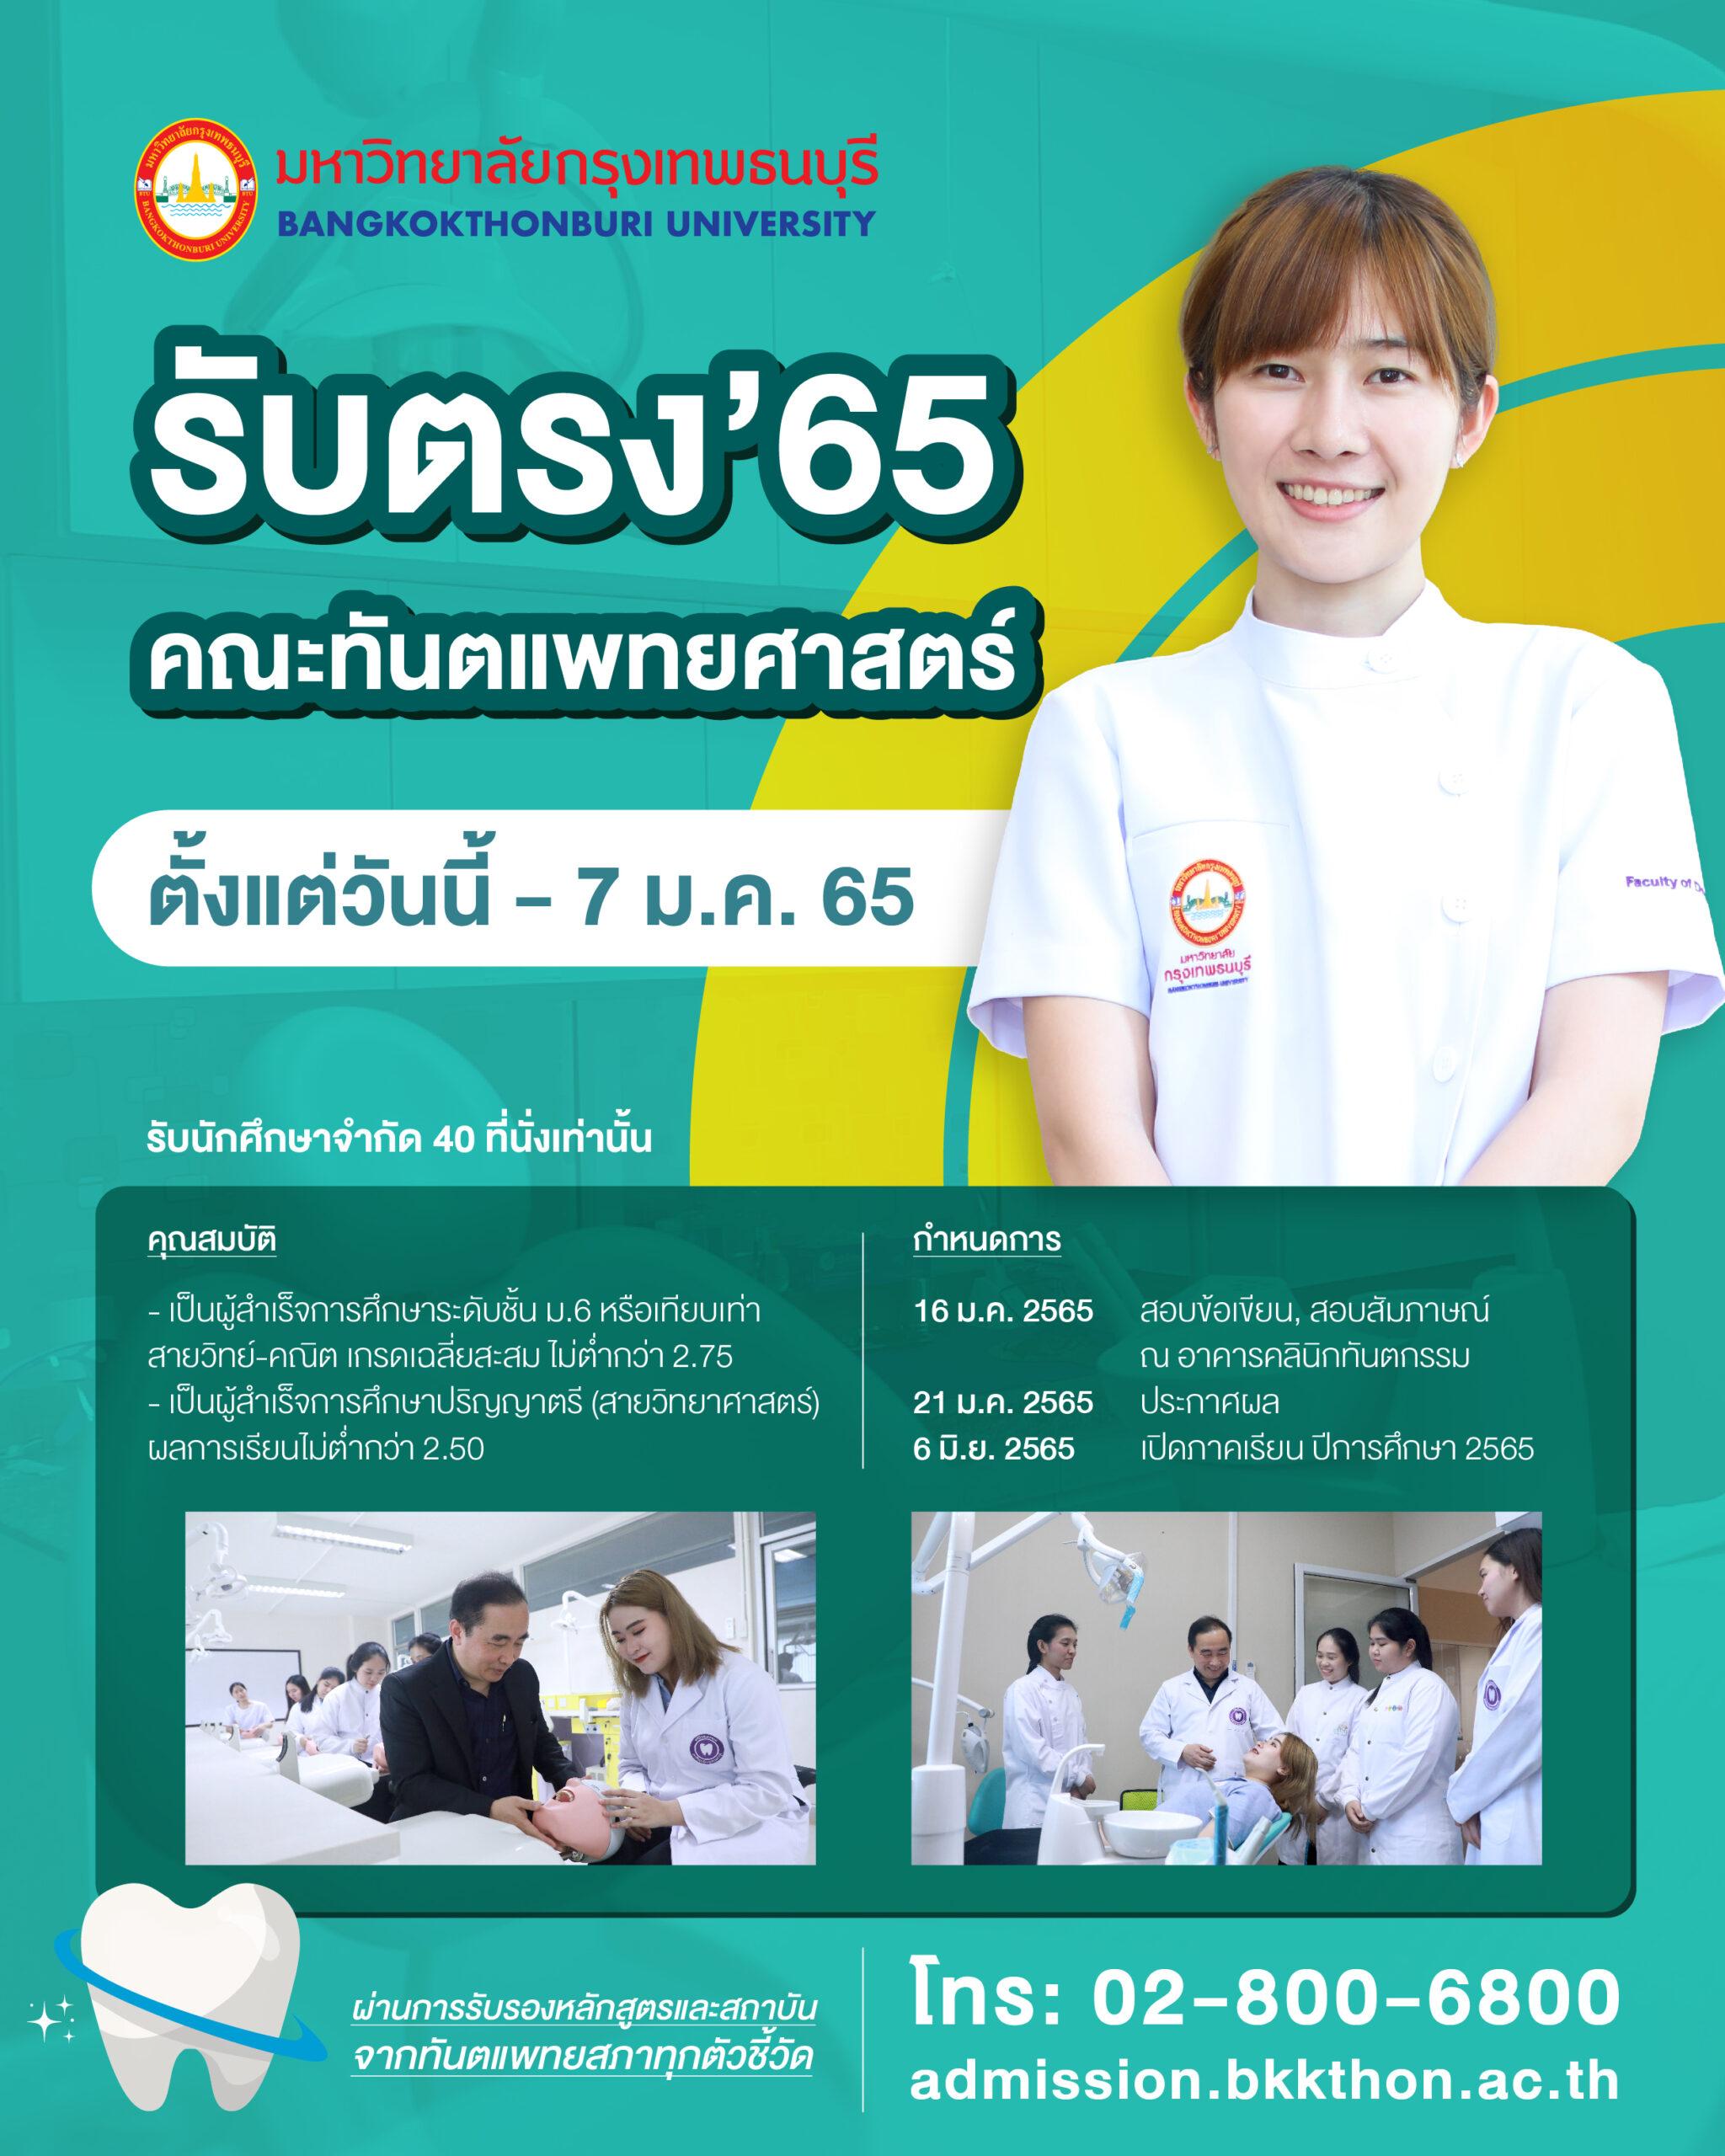 หมอฟันมาแล้ว! ทันตะ ม.กรุงเทพธนบุรี เปิดรับเรียนต่อทันตแพทยศาสตรบัณฑิต ปีการศึกษา 2565 จำนวน 40 ที่นั่ง เริ่มแล้ววันนี้